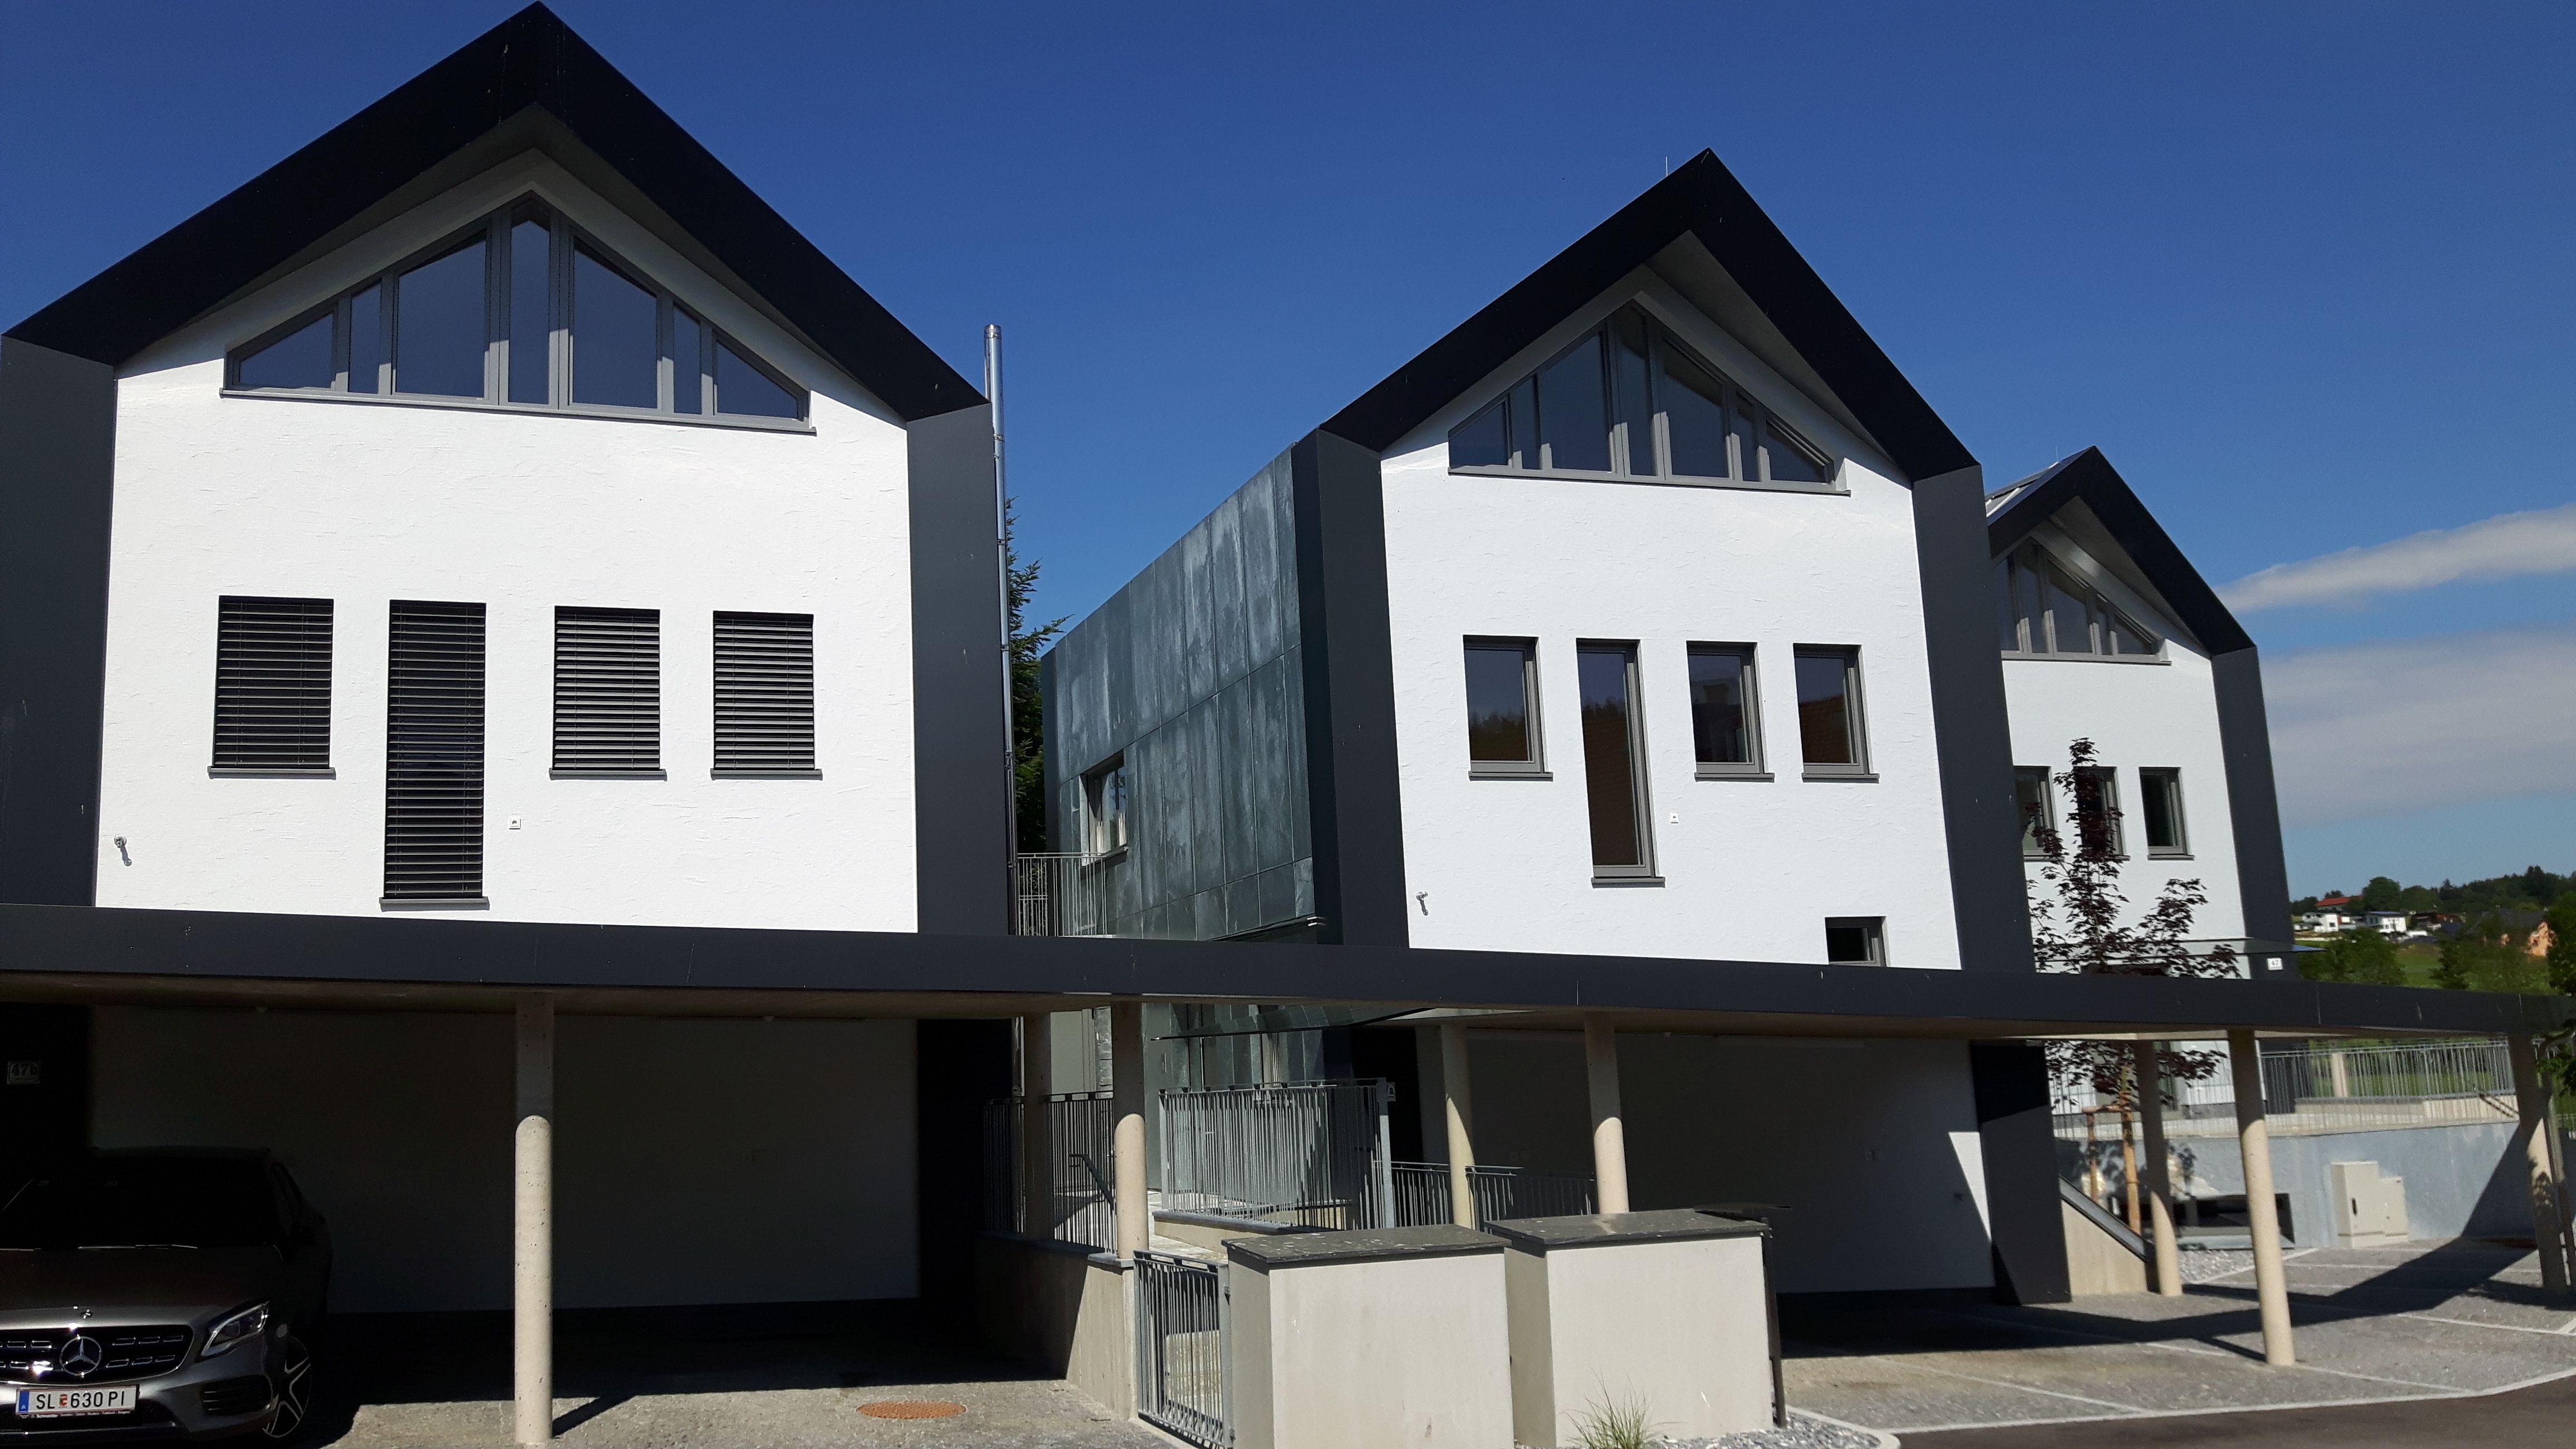 Fassade aus verzinktem Stahlblech, BV Obertrum